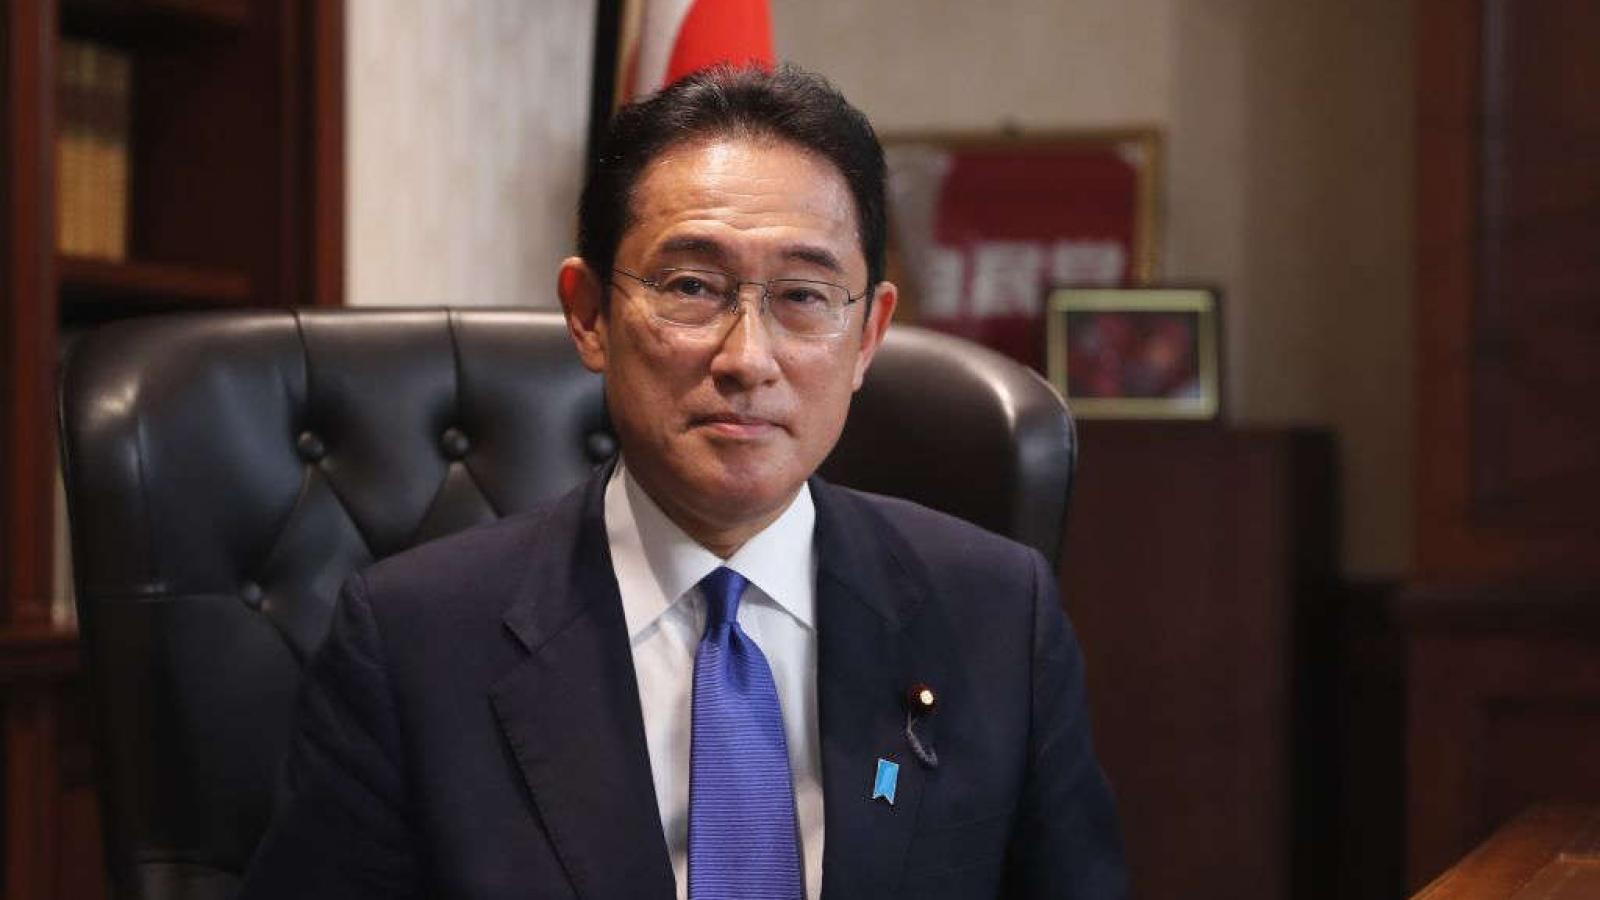 """Cam kết về """"chủ nghĩa tư bản mới"""" của tân Thủ tướng Nhật Bản liệu có thành công?"""